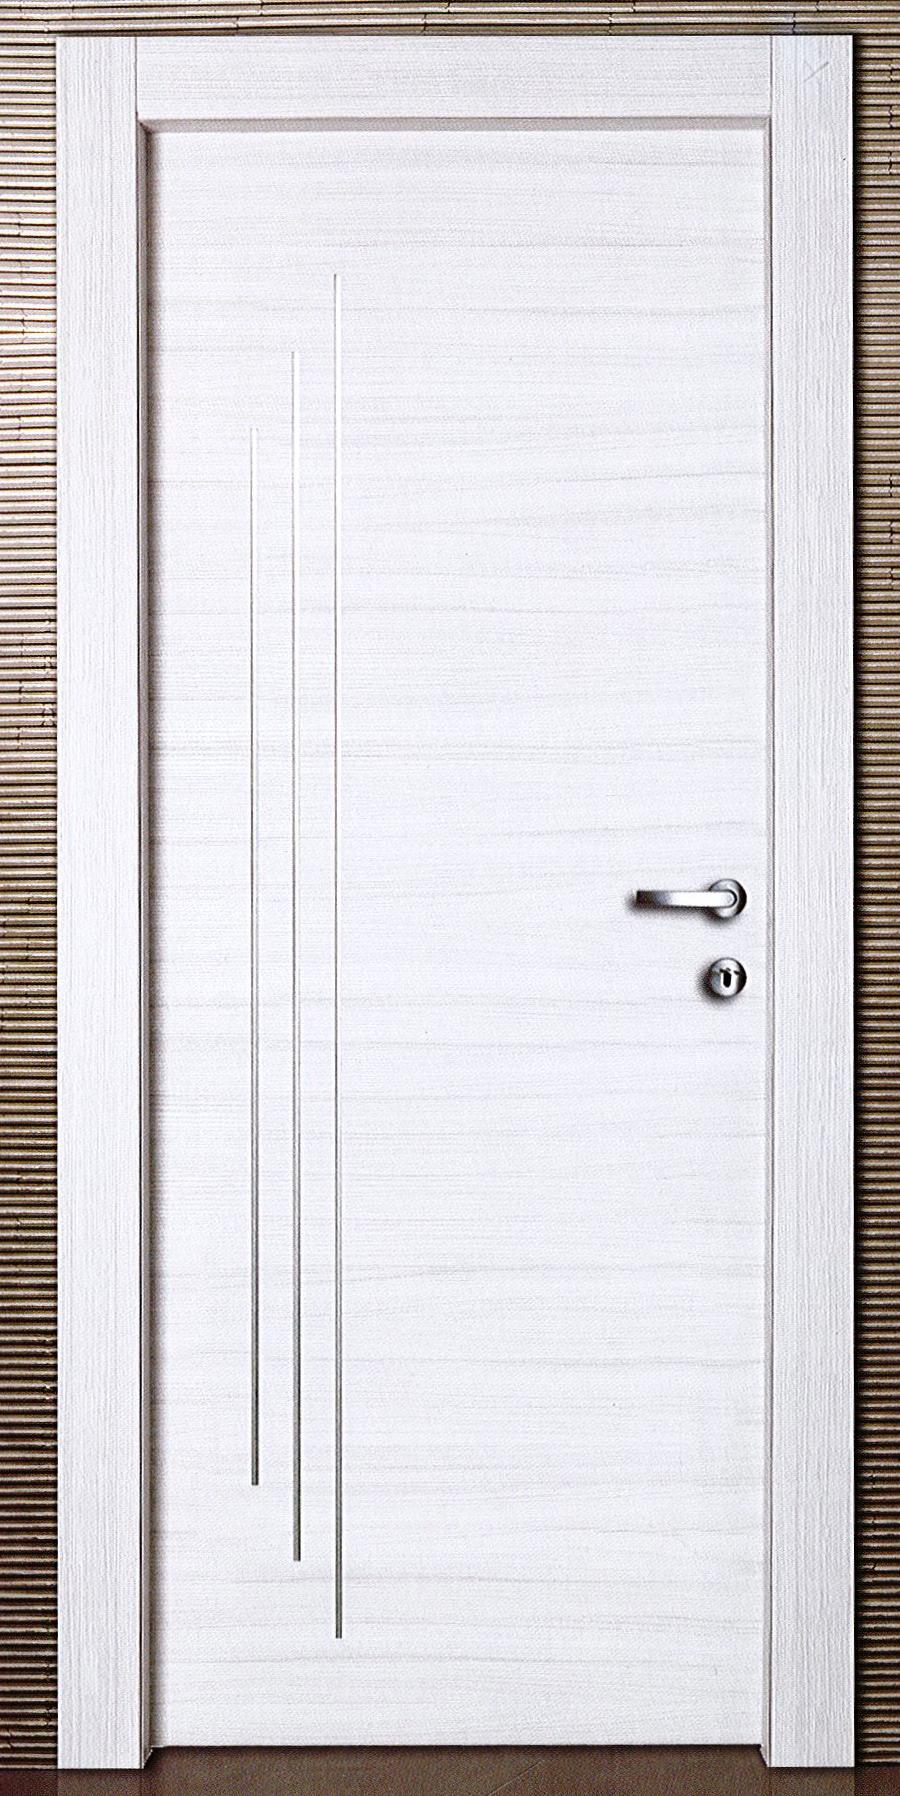 Porte Con Inserti In Alluminio : Porte con inserti in alluminio generaltek